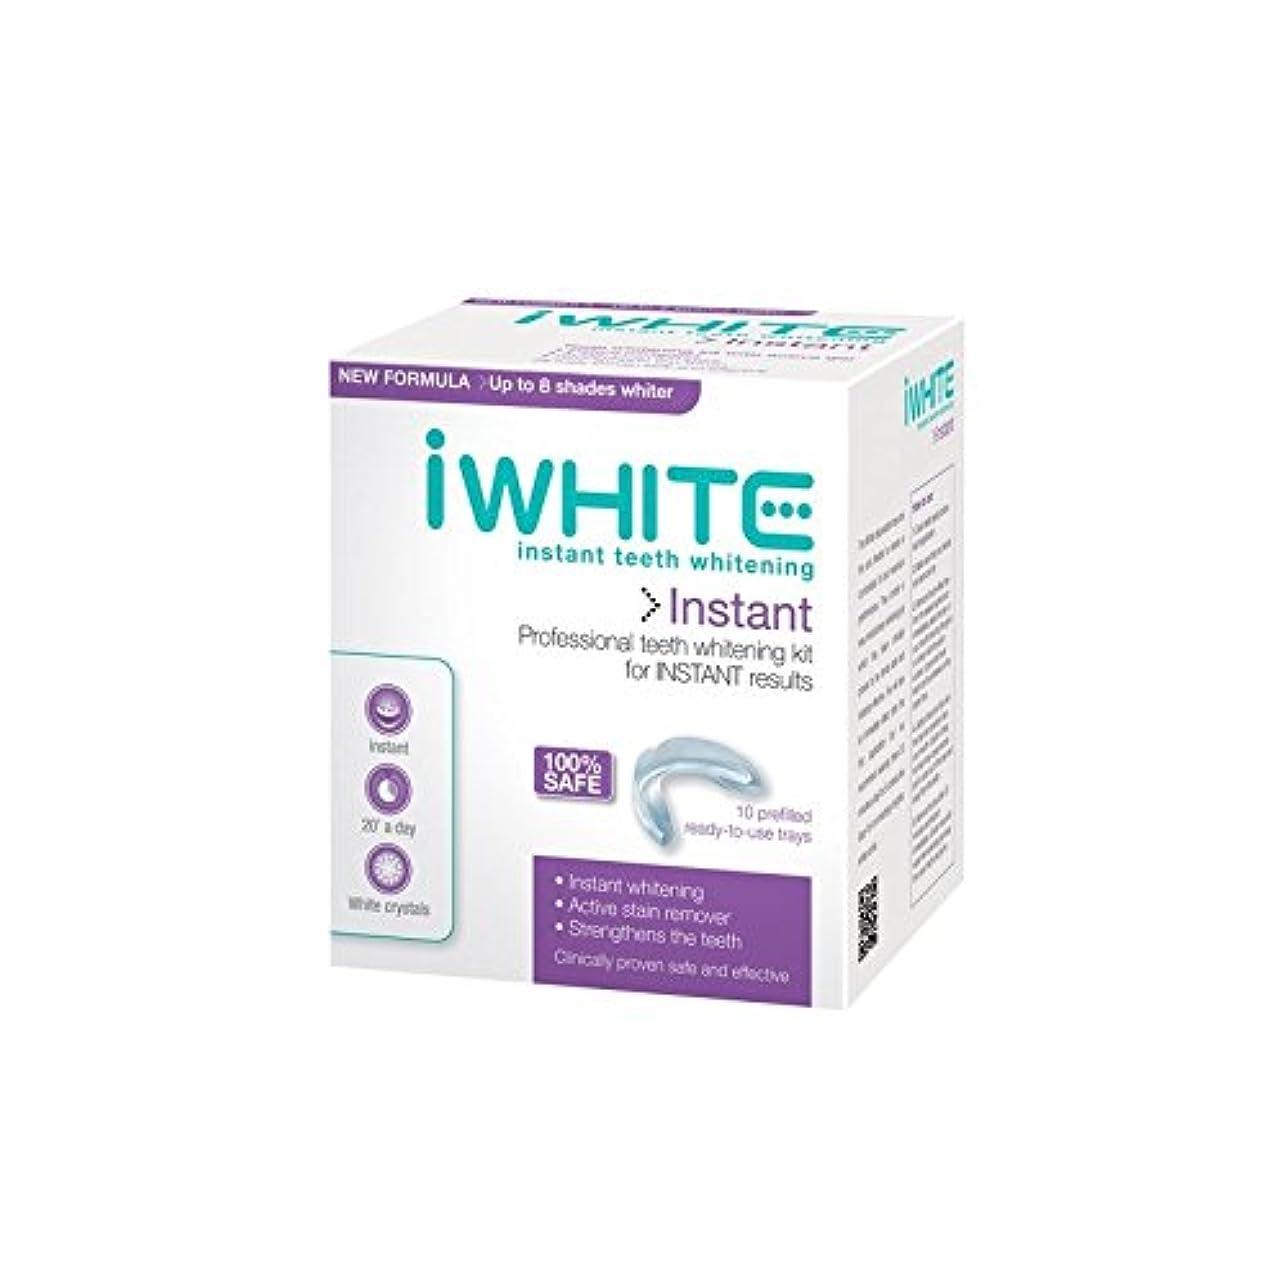 民主党ルート哀iWhite Instant Professional Teeth Whitening Kit (10 Trays) (Pack of 6) - キットを白くするインスタントプロの歯(10個のトレー) x6 [並行輸入品]